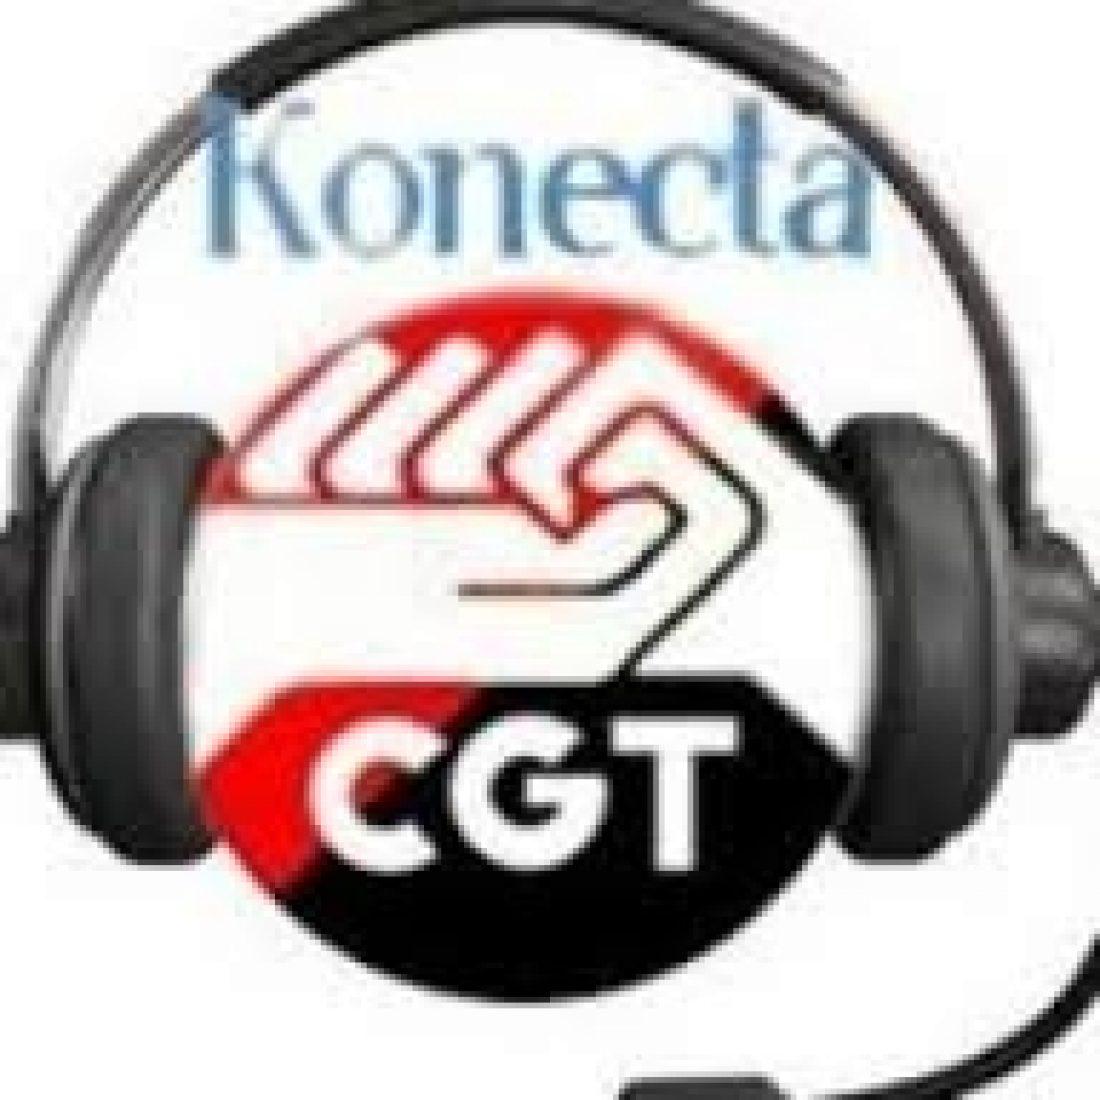 Se amplía la suspensión cautelar de la modificación geográfica de KONECTA en Torrelavega